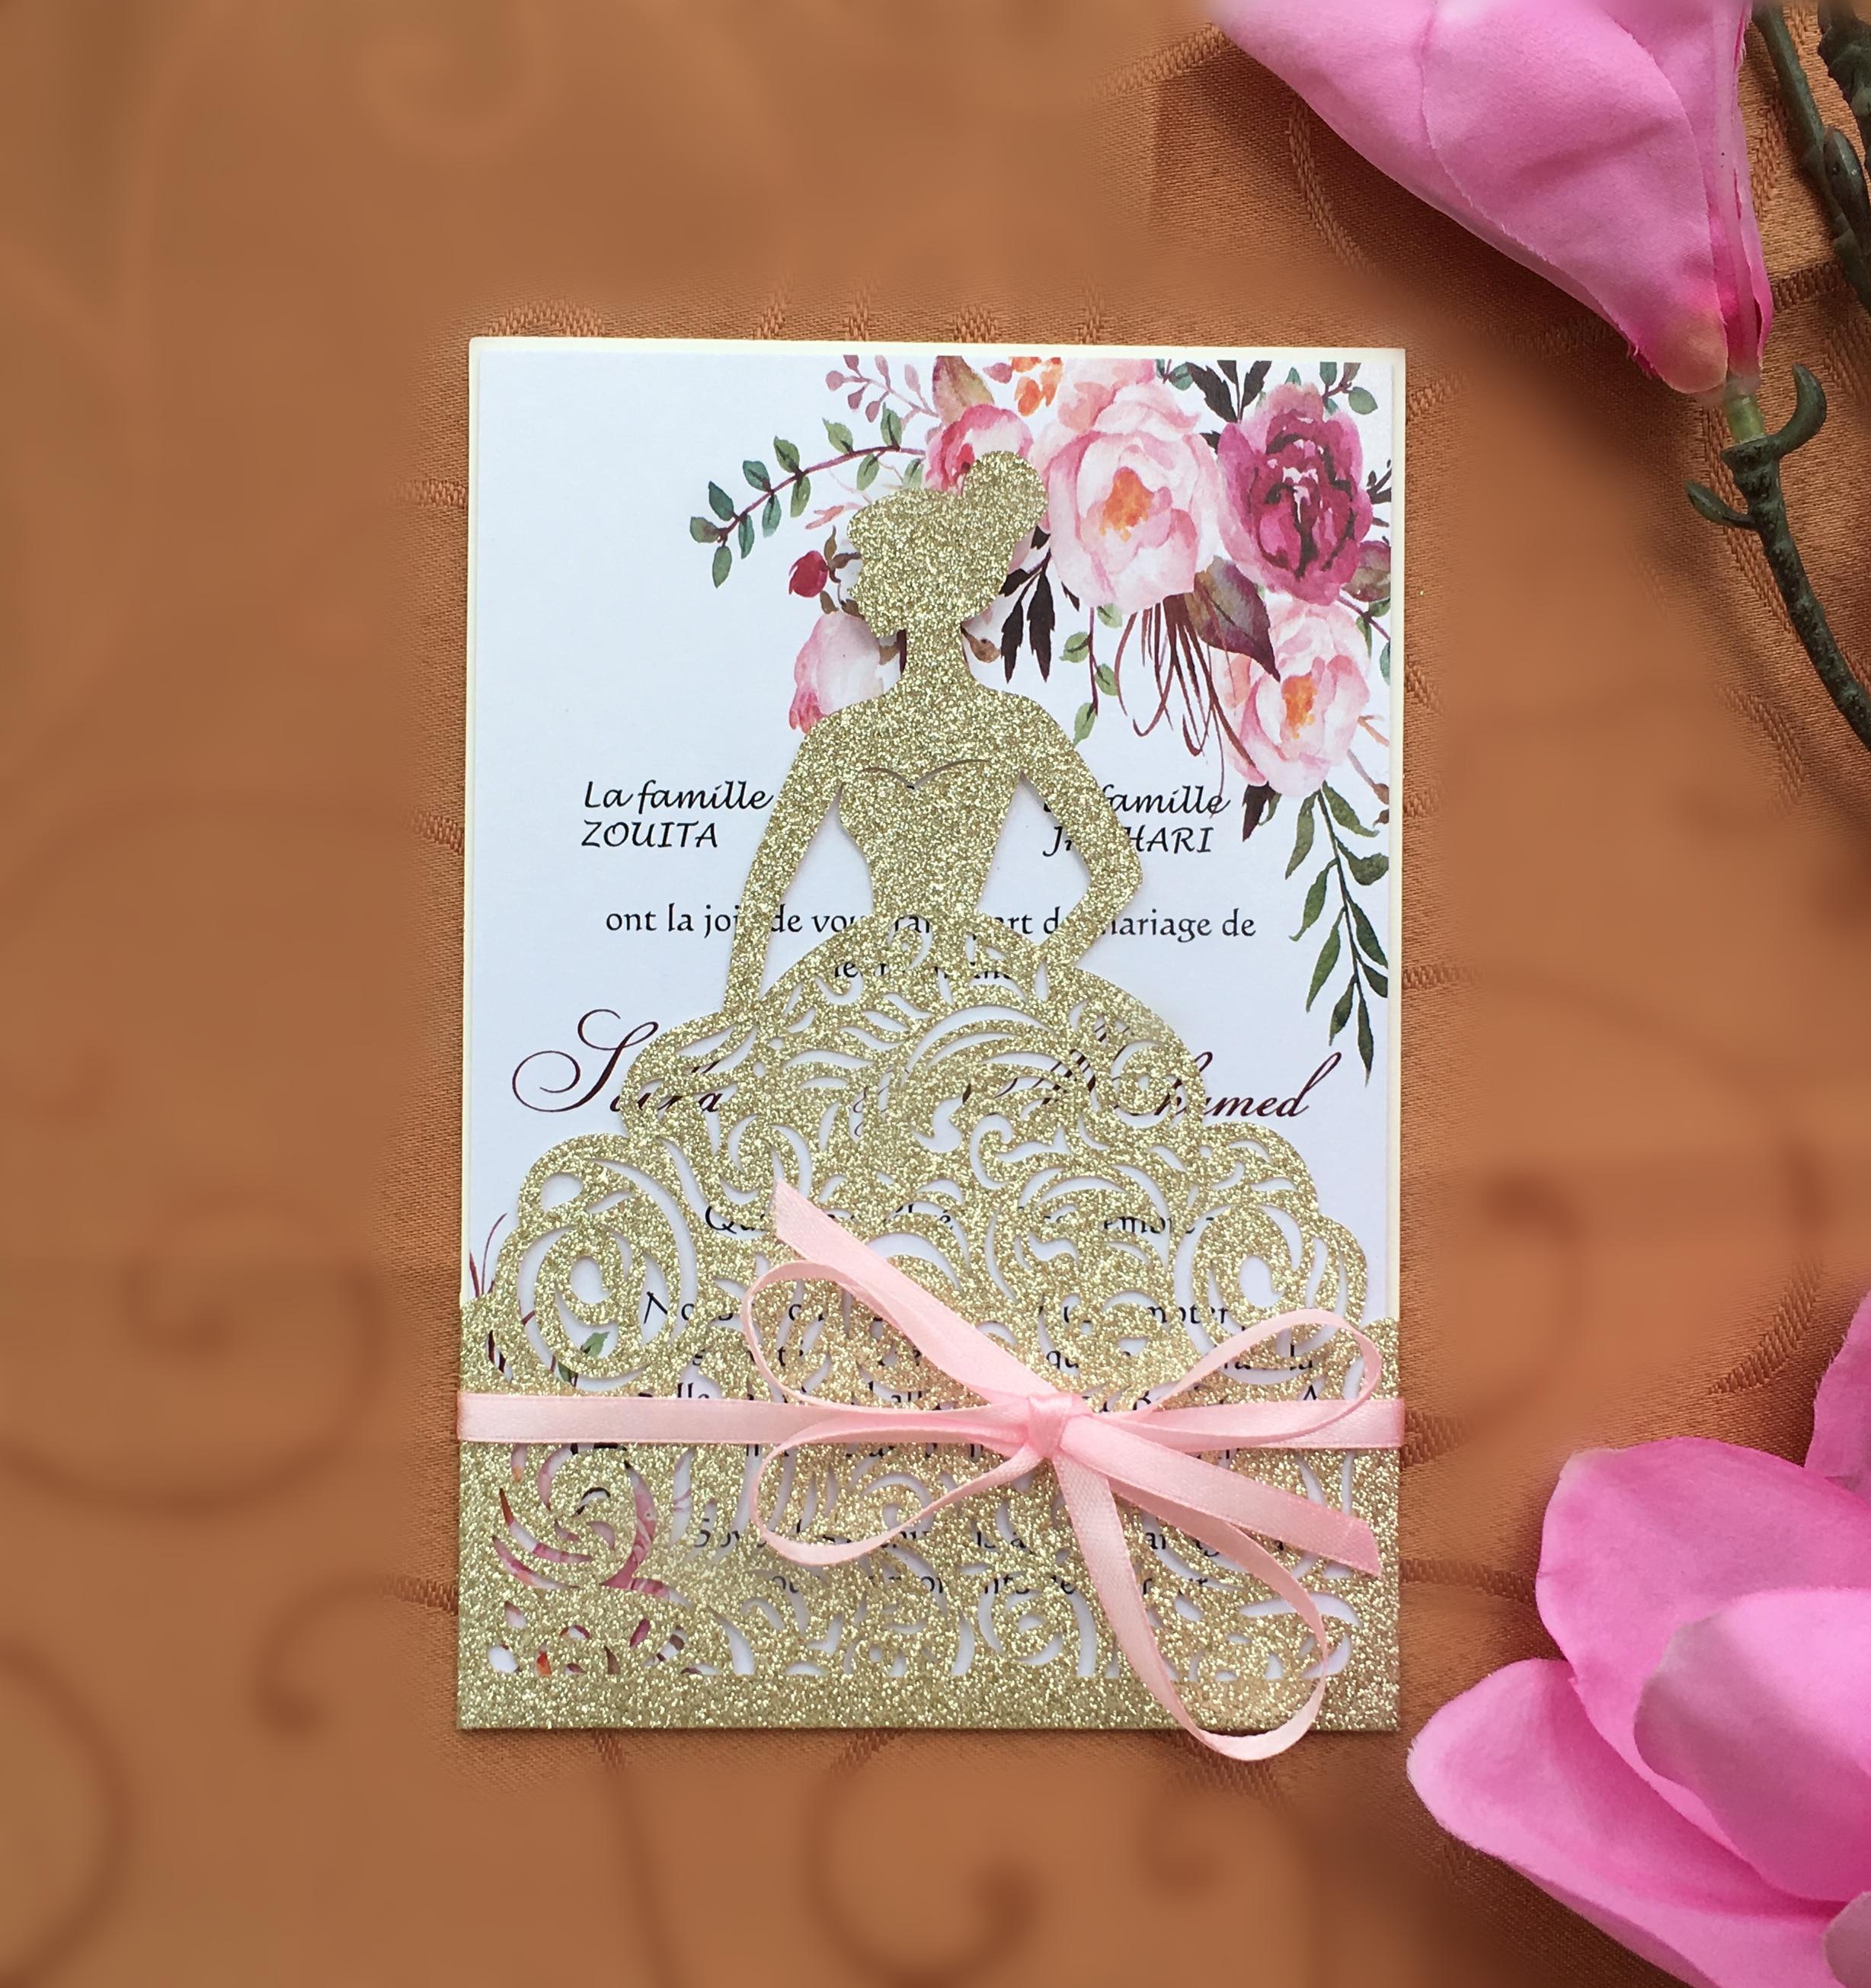 사용자 정의 레이저 컷 반짝이 골드 웨딩 파티 초대장 카드, 사랑스러운 소녀 생일 초대장, 100 pcs, 익스프레스 배송-에서카드 & 초대장부터 홈 & 가든 의  그룹 1